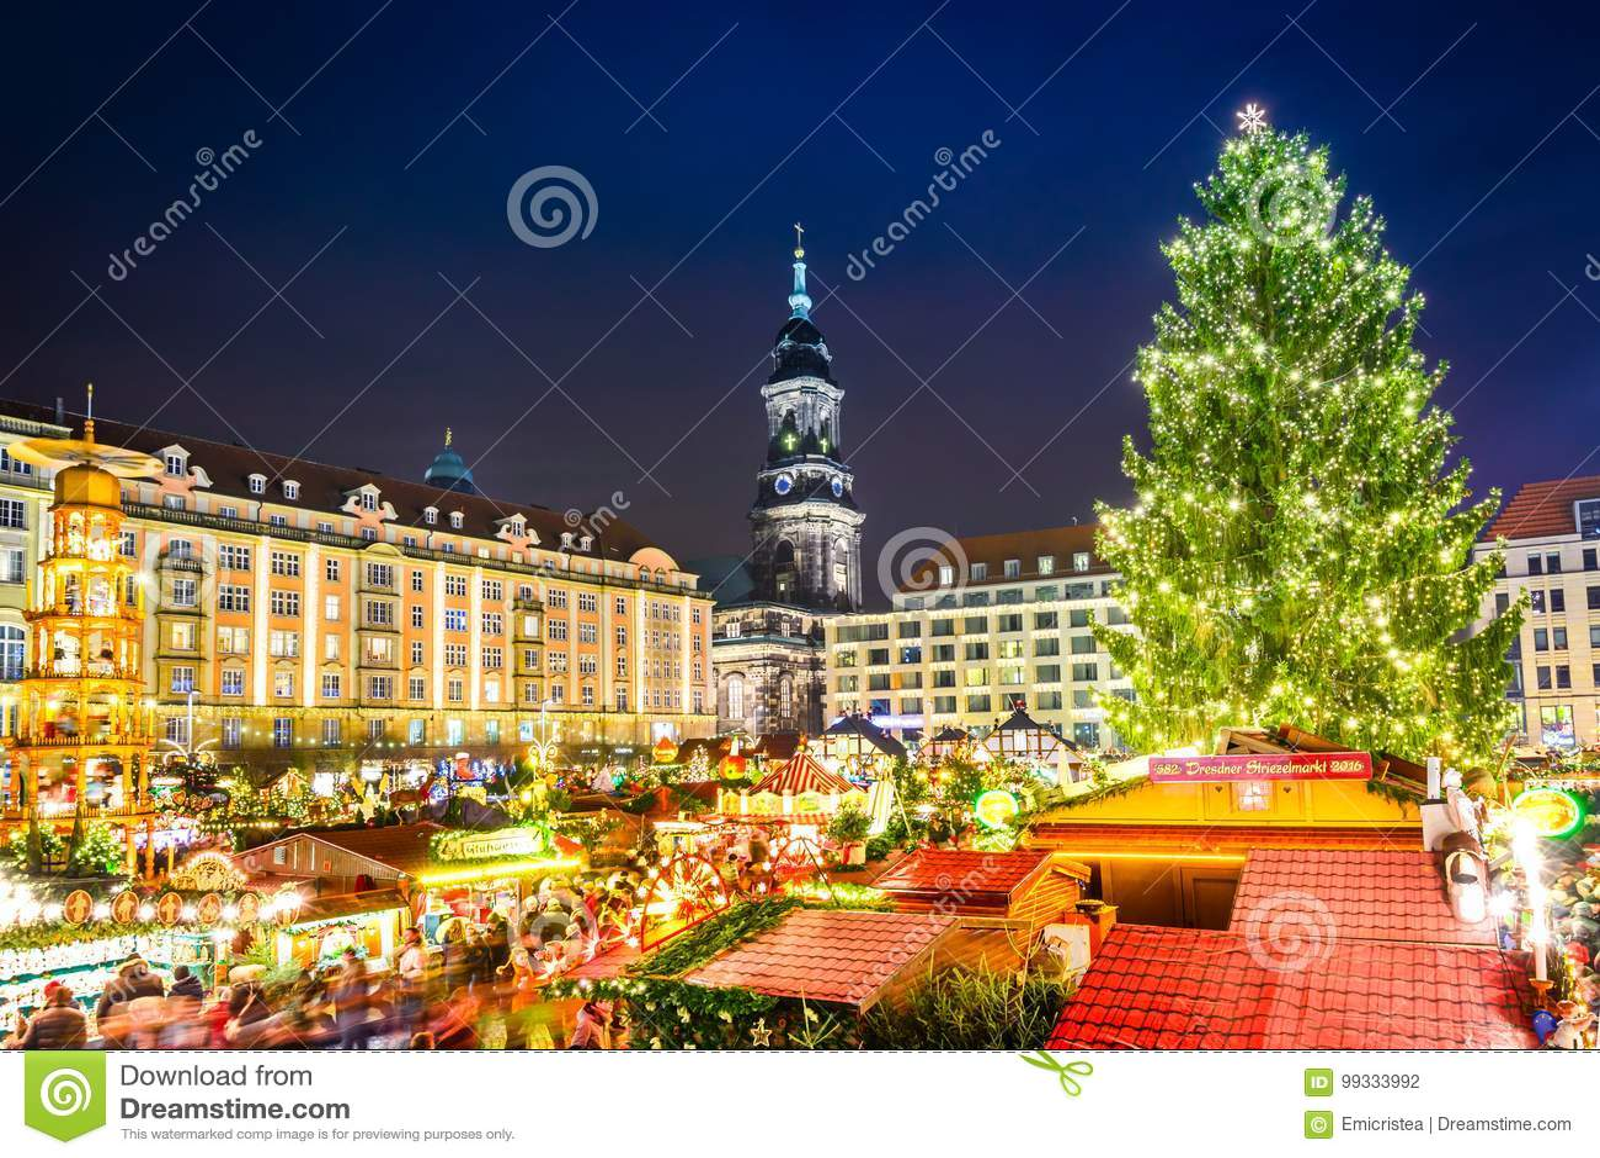 Dresden Weihnachten.Dresden Deutschland Striezelmarkt Auf Weihnachten Stockfoto